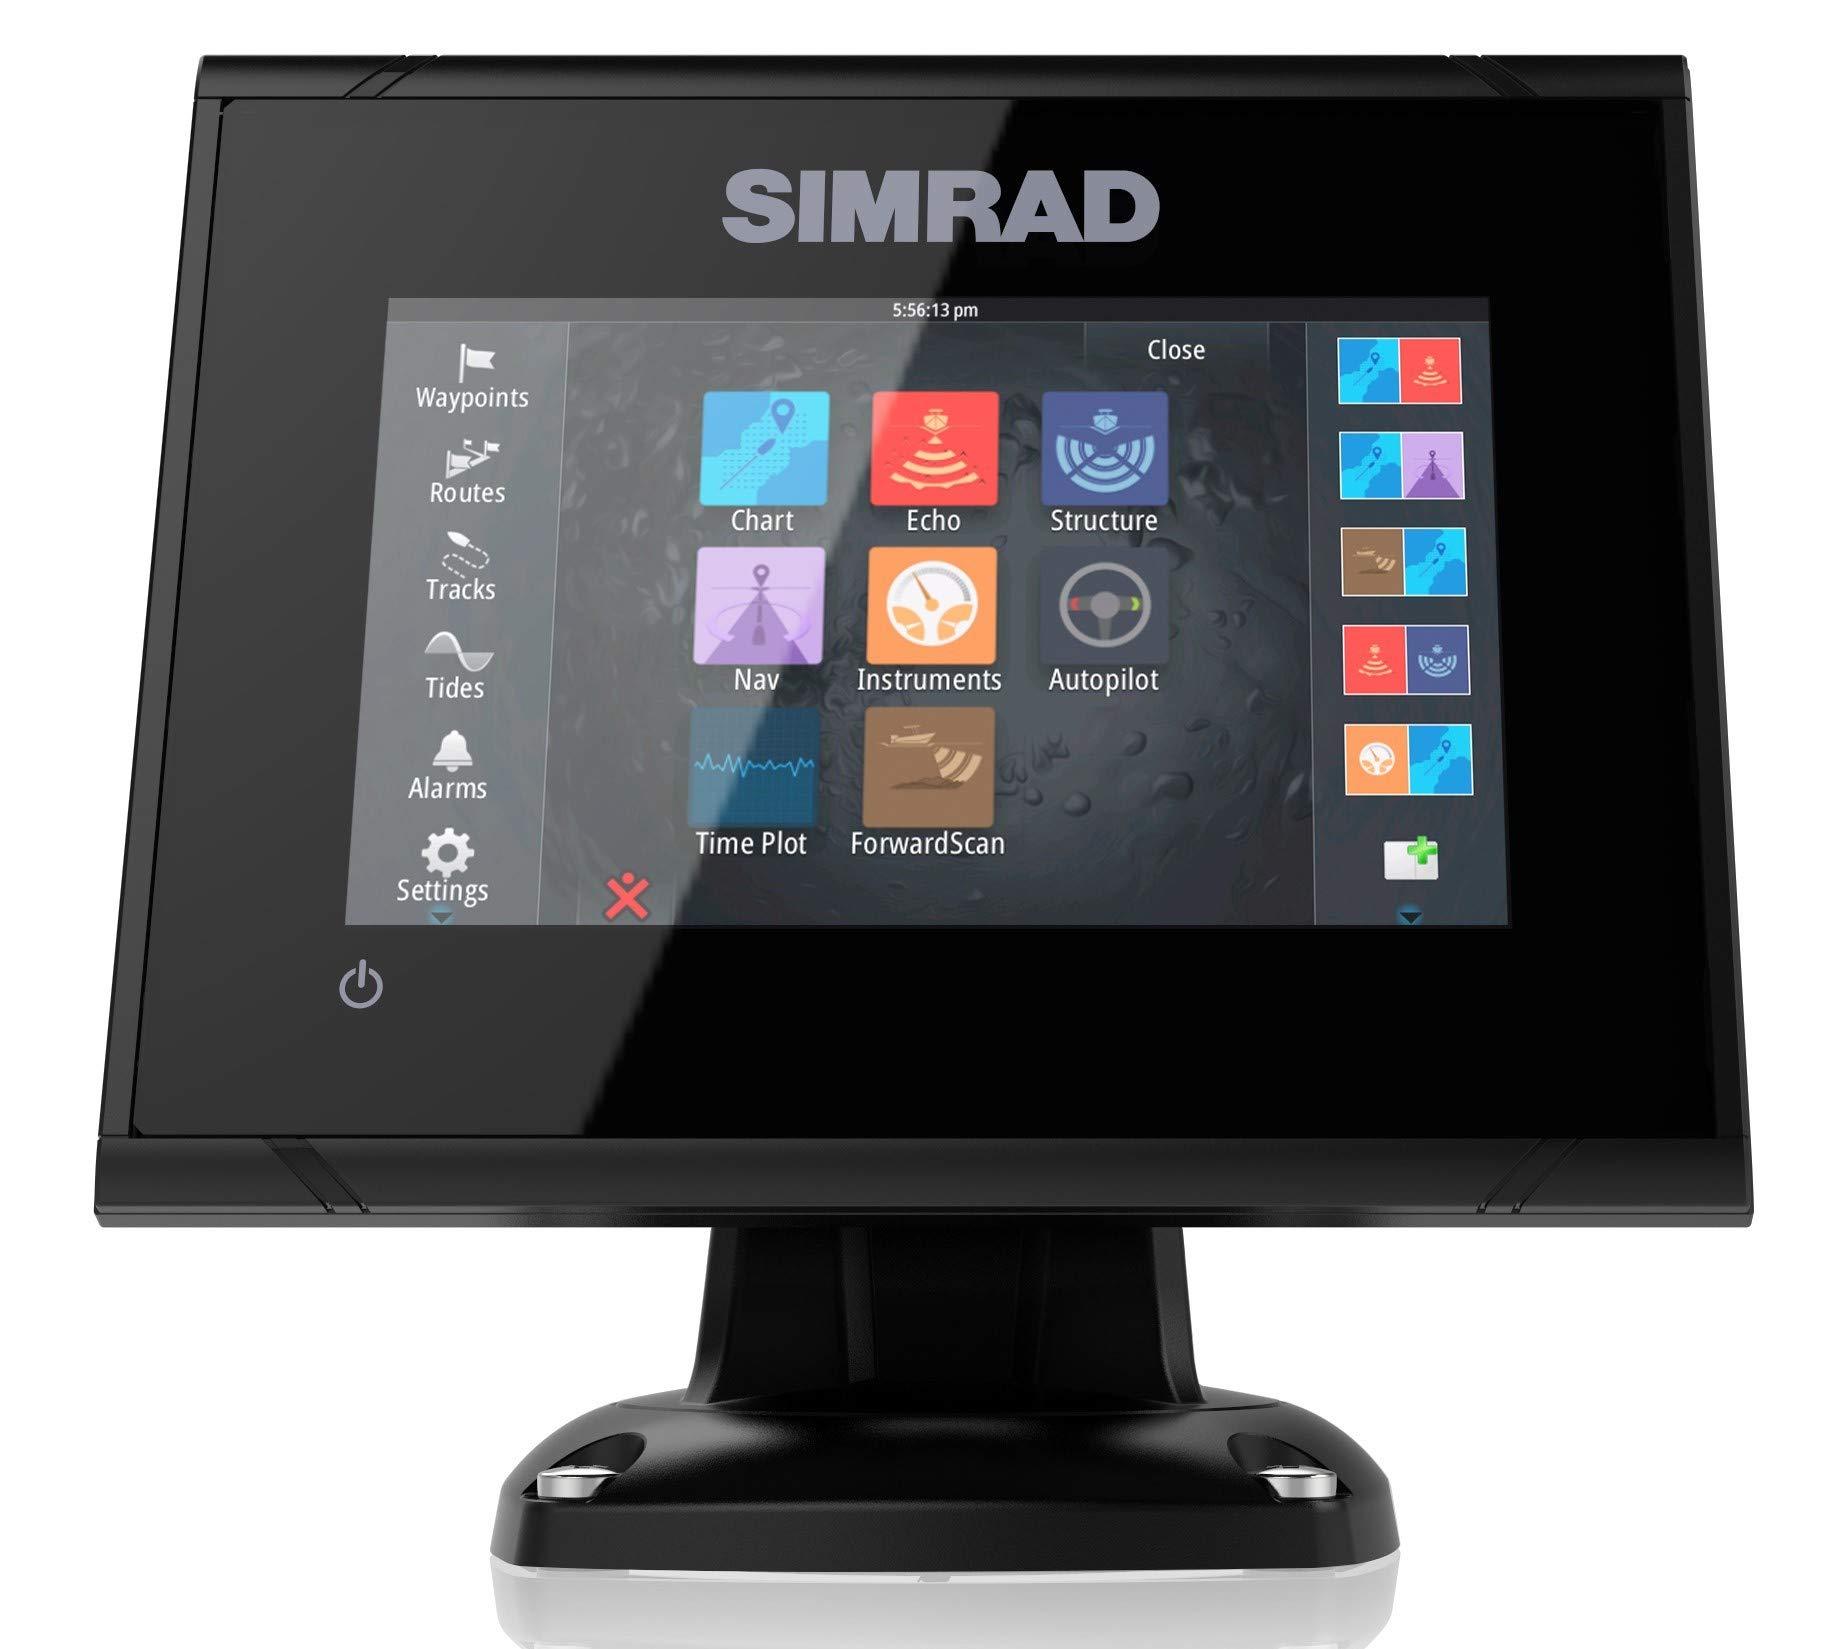 Simrad Go5 Xse Sonda Multifunción: Amazon.es: Electrónica